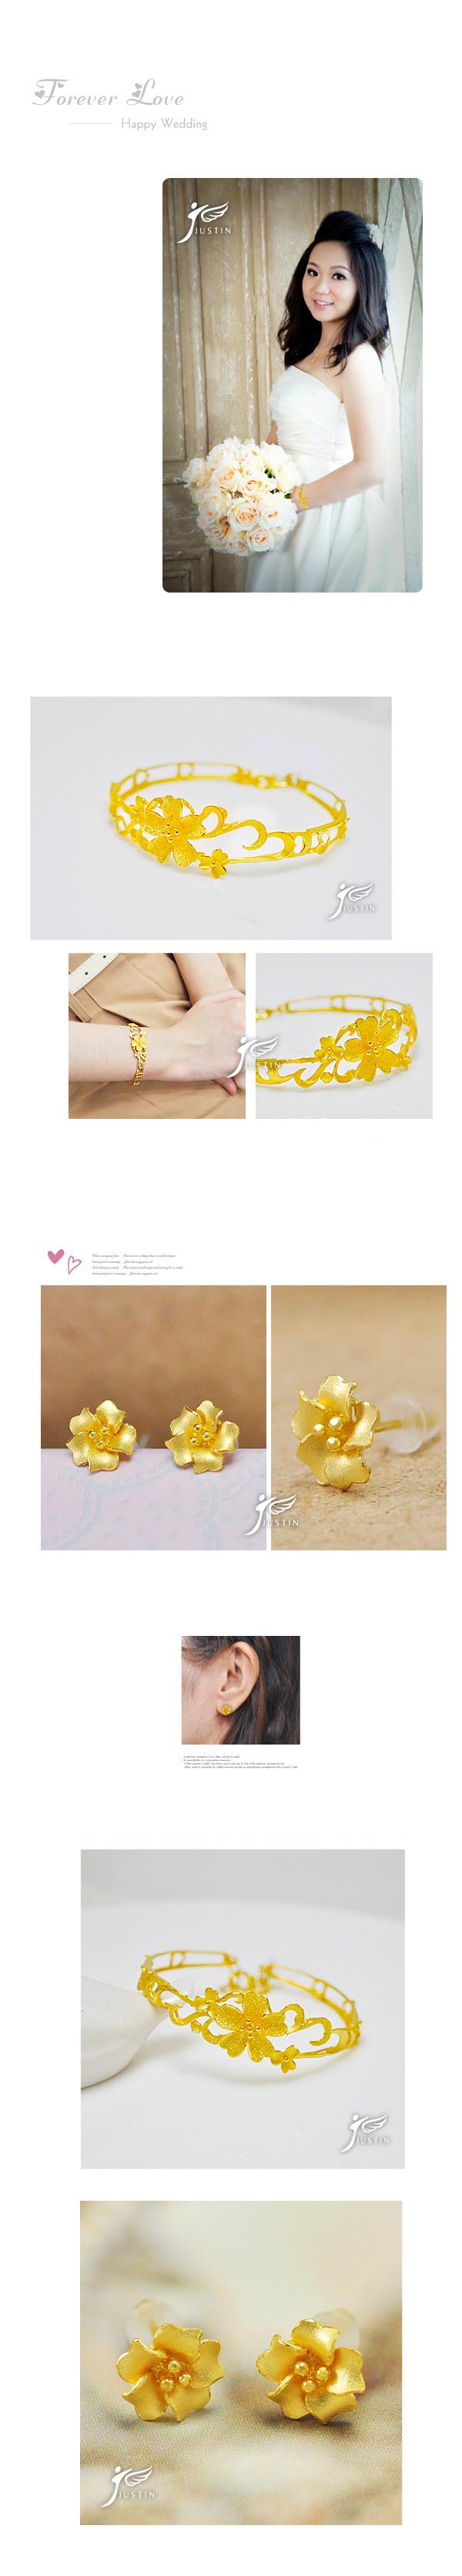 金緻品,金製品,黃金價格,金飾,金飾價格,黃金飾品,金飾店,純金,金飾品牌,黃金投資,結婚金飾,甜蜜花囍,嫁妝